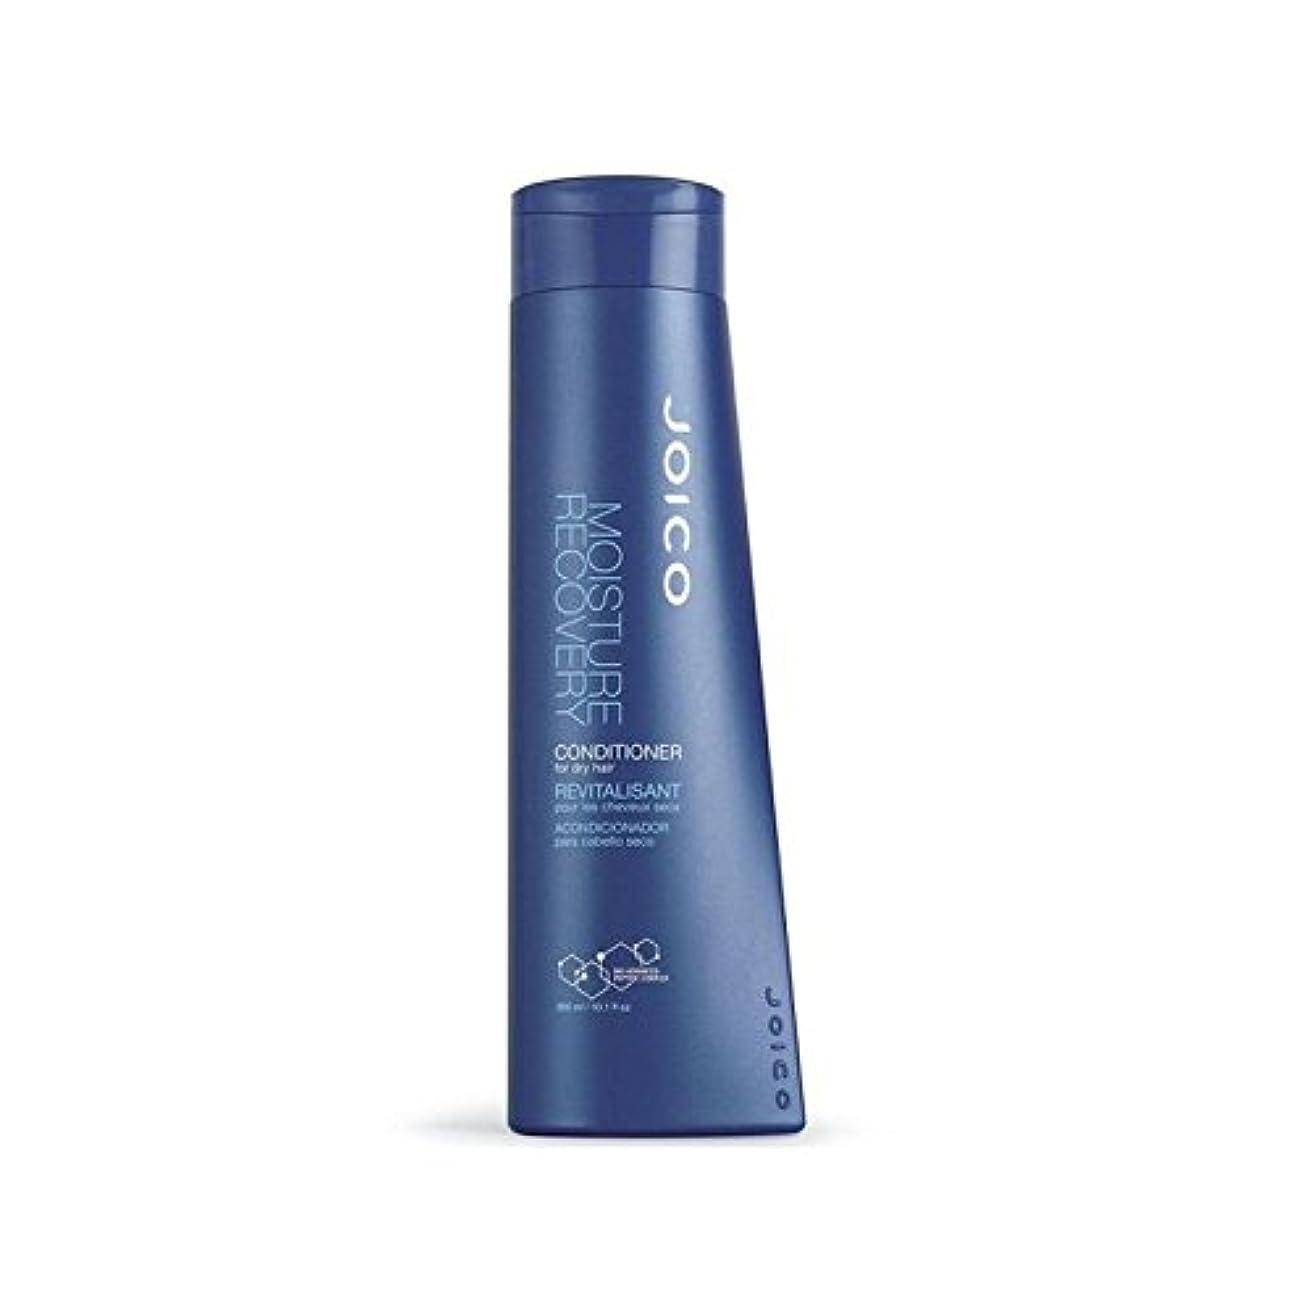 選ぶ意味のあるきれいにJoico Moisture Recovery Conditioner 300ml - ジョイコ水分回復コンディショナー300ミリリットル [並行輸入品]